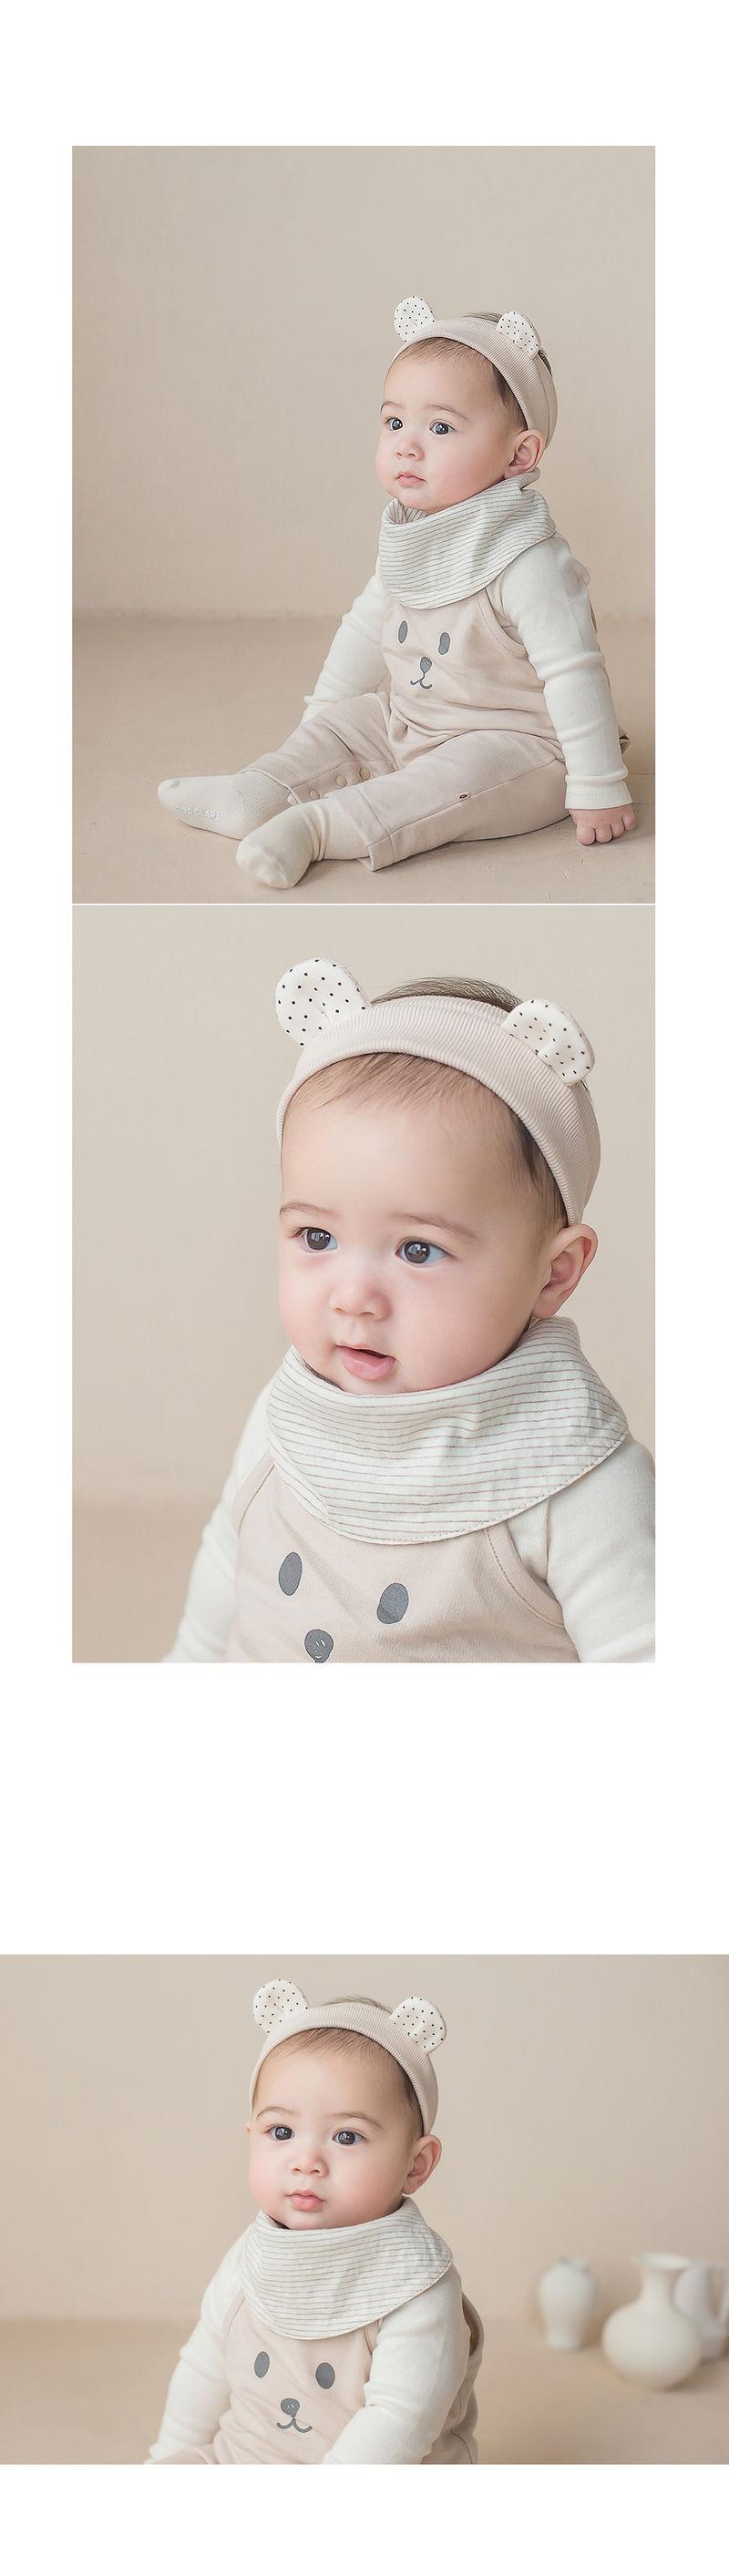 HAPPY PRINCE - Korean Children Fashion - #Kfashion4kids - Ruben Baby Banana Bib - 6